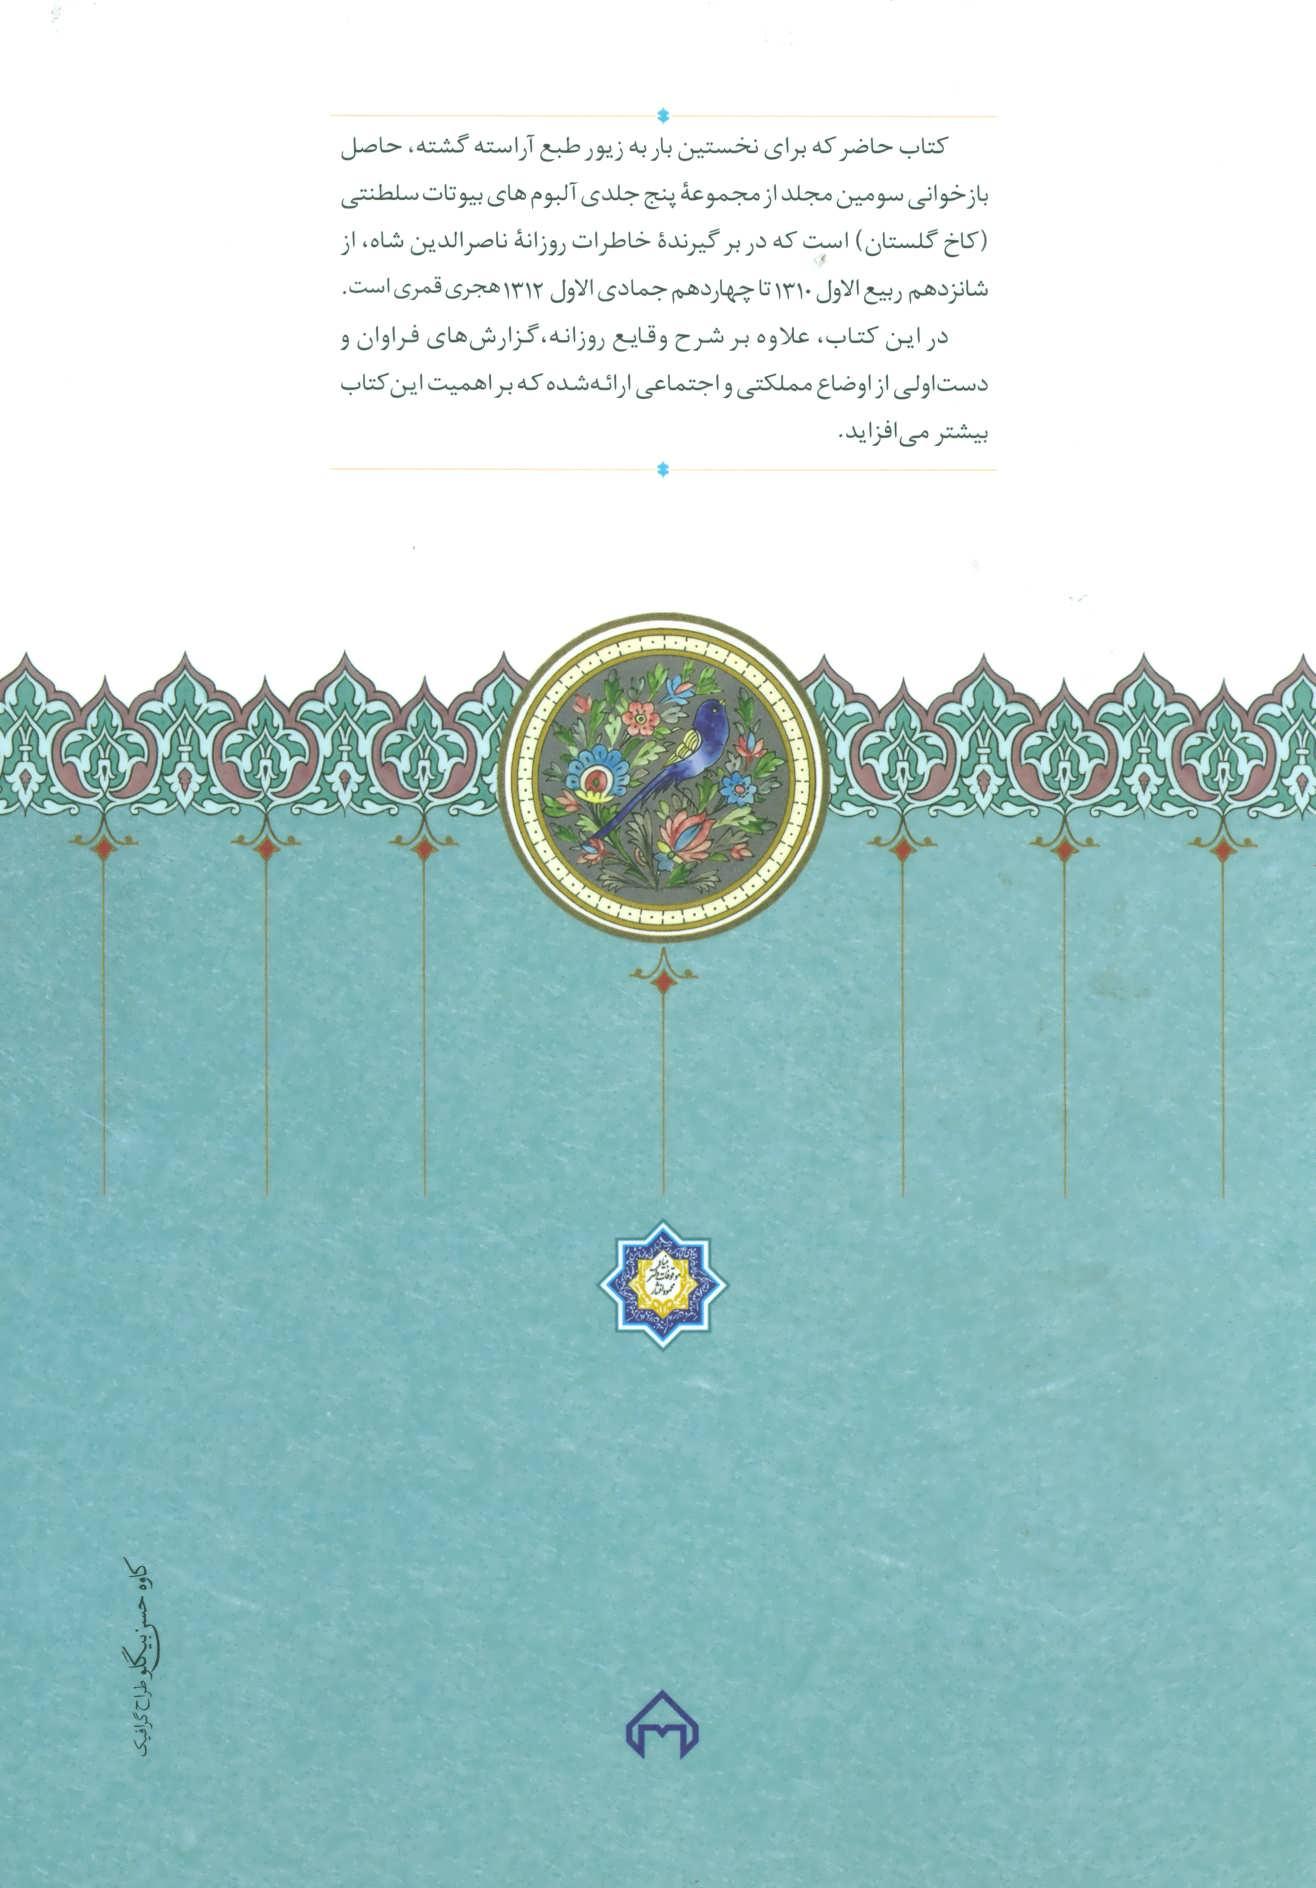 روزنامه خاطرات ناصرالدین شاه قاجار 3 (از ربیع الاول 1310 تا جمادی الاول 1312ق)